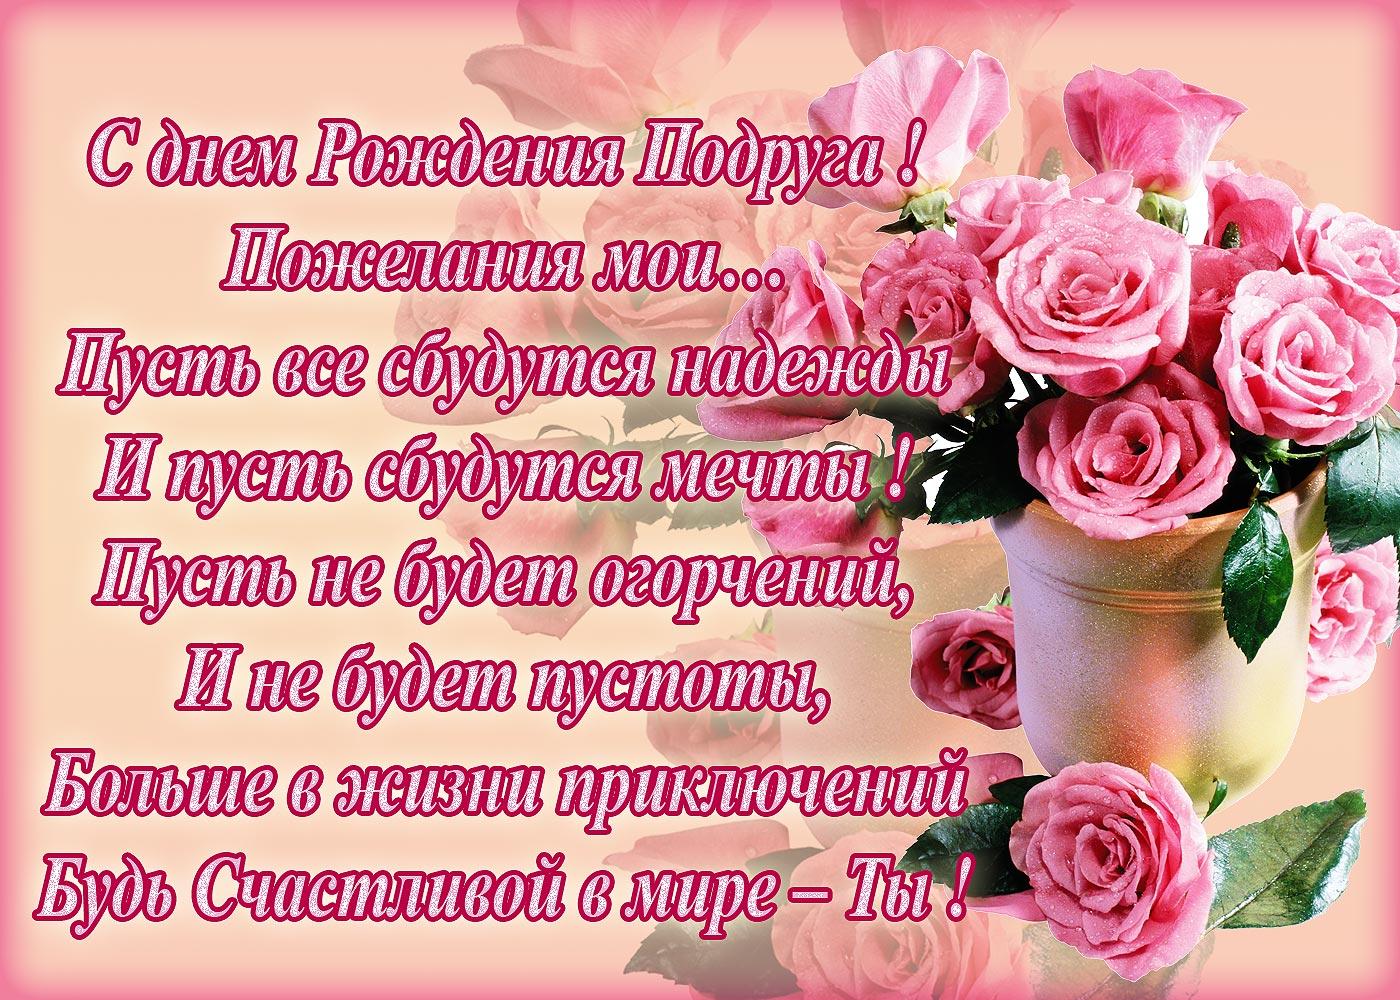 Поздравление девушке с днем рождения в стихах красивые от друзей фото 60